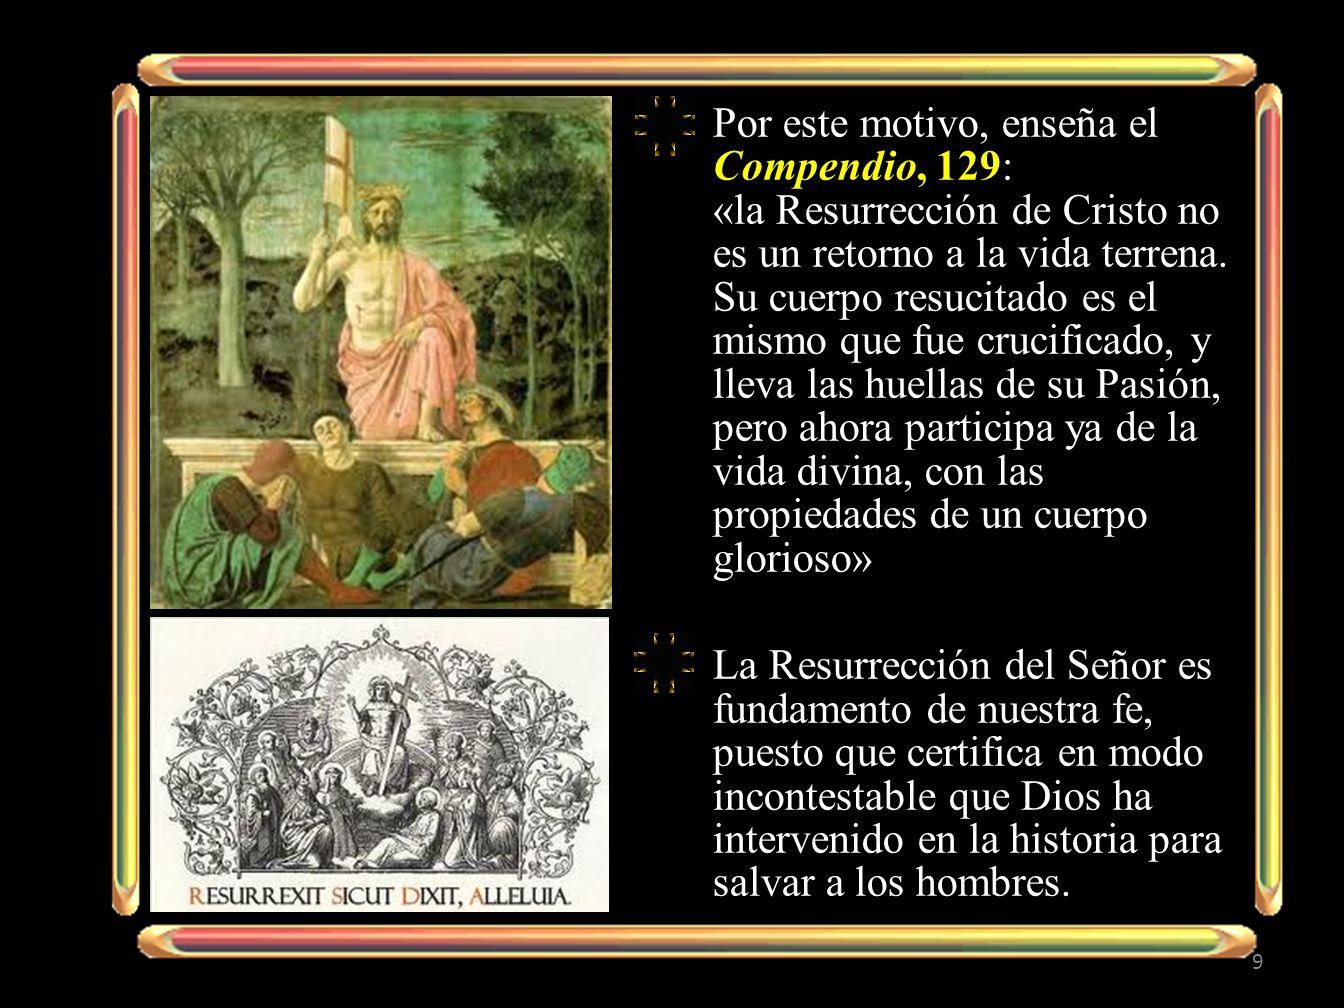 Por este motivo, enseña el Compendio, 129: «la Resurrección de Cristo no es un retorno a la vida terrena. Su cuerpo resucitado es el mismo que fue cru